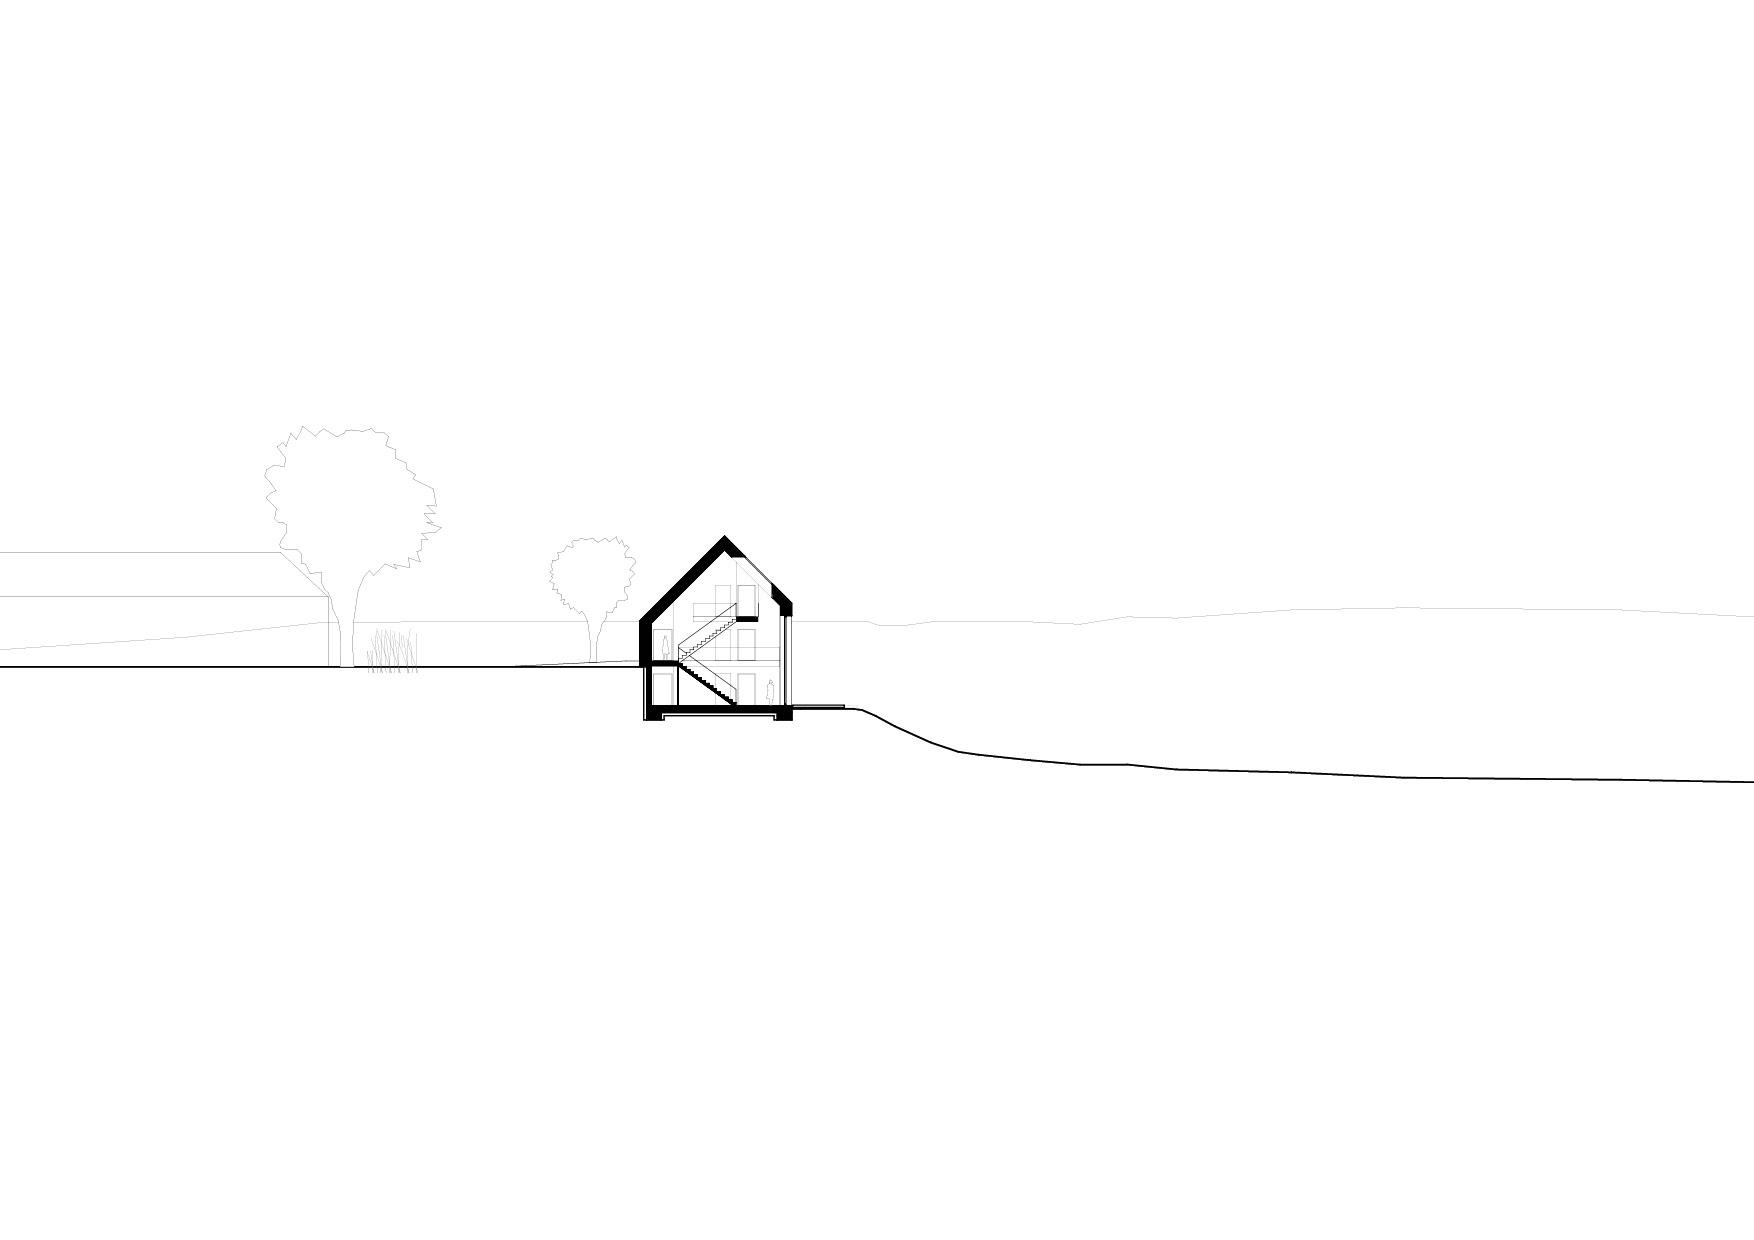 KUBIK Architektur - Studio für Architektur Berlin - architecture - Projekt - Hotel - Schnitt